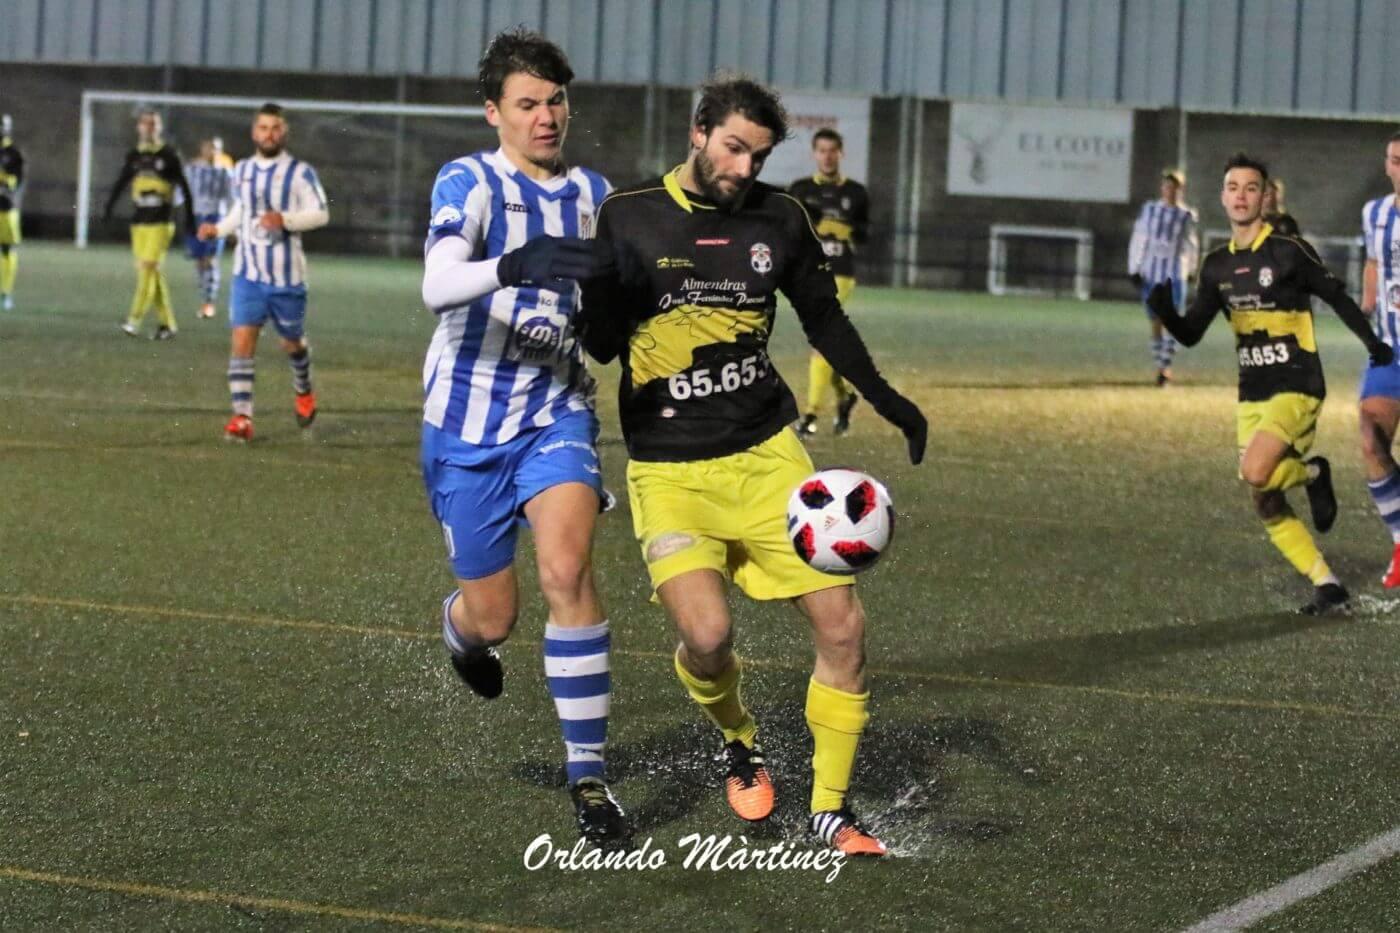 El CD Arnedo juega este próximo domingo 10, a las cinco, en el municipal de Sendero contra el Yagüe